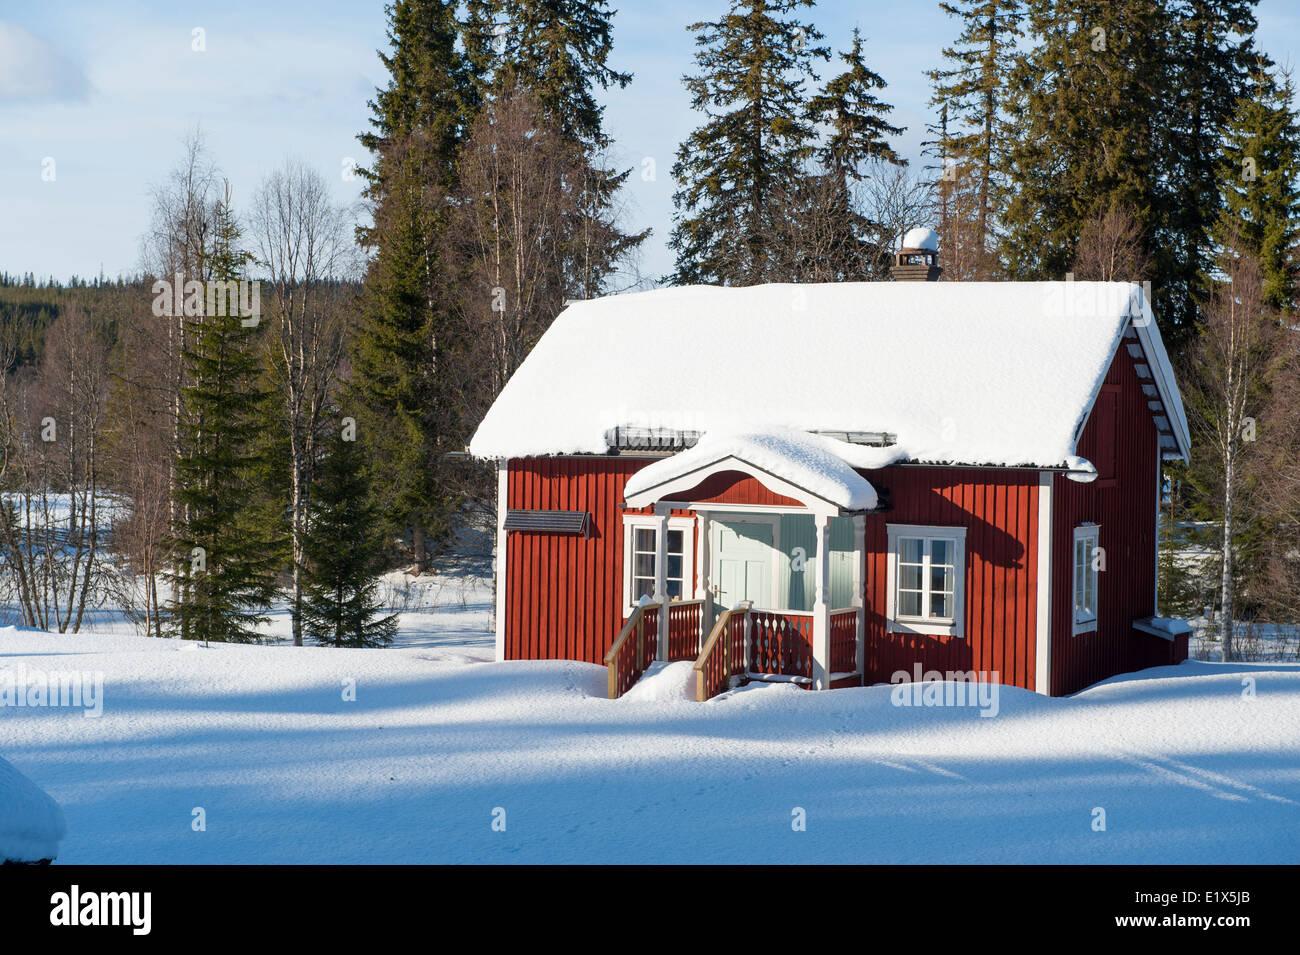 Cottage in winter landscape. Dalarna, Sweden. - Stock Image